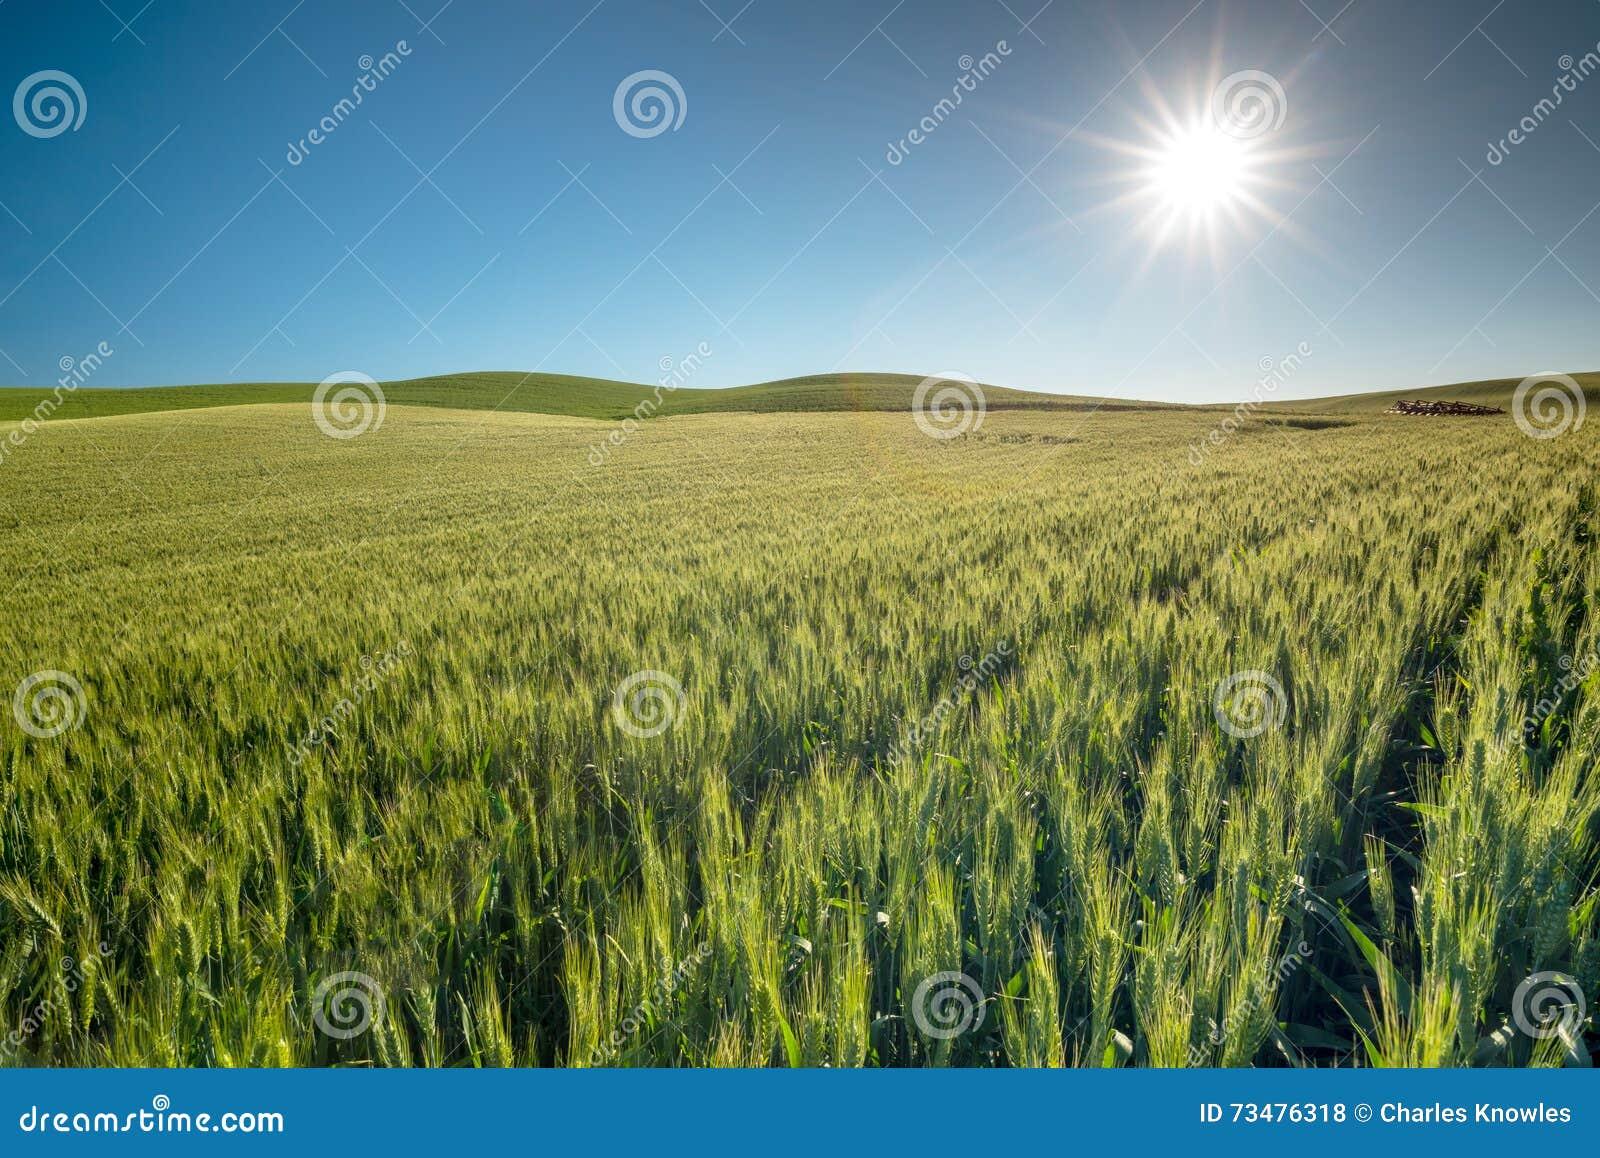 绿色麦田和蓝天与太阳担任主角